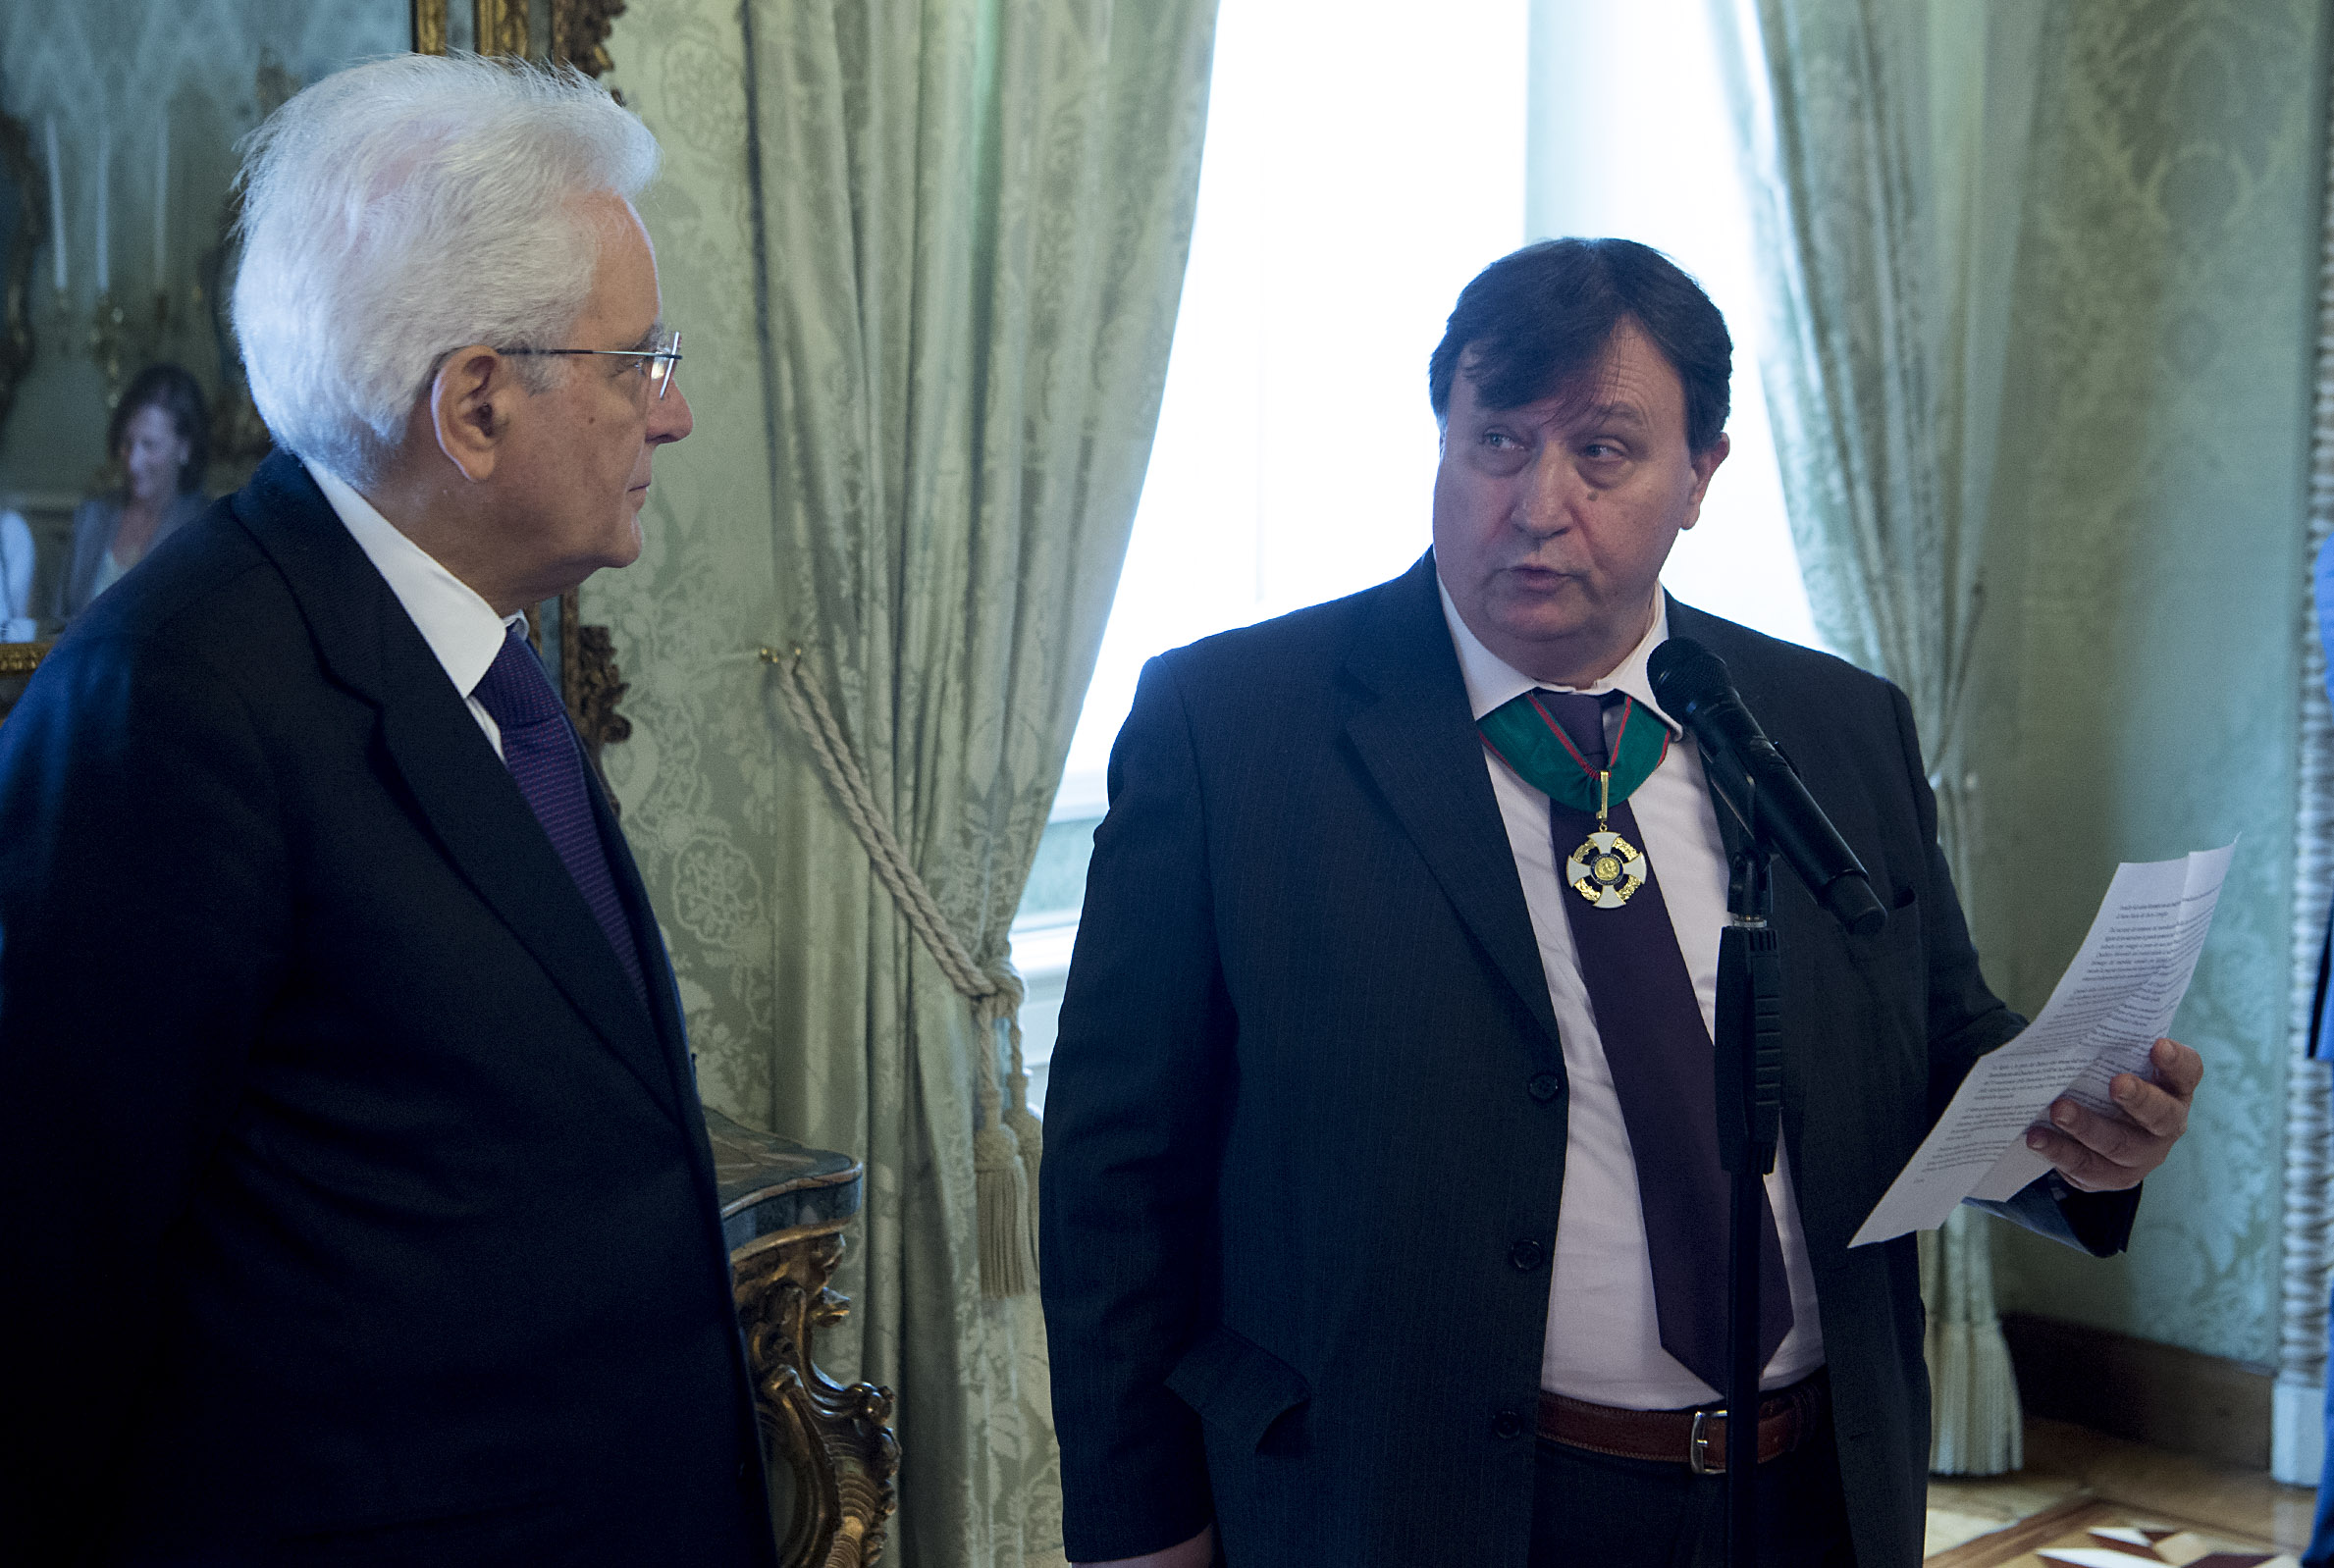 Pierluigi Amen legge il suo discorso su Don Rey al presidente Mattarella (1)